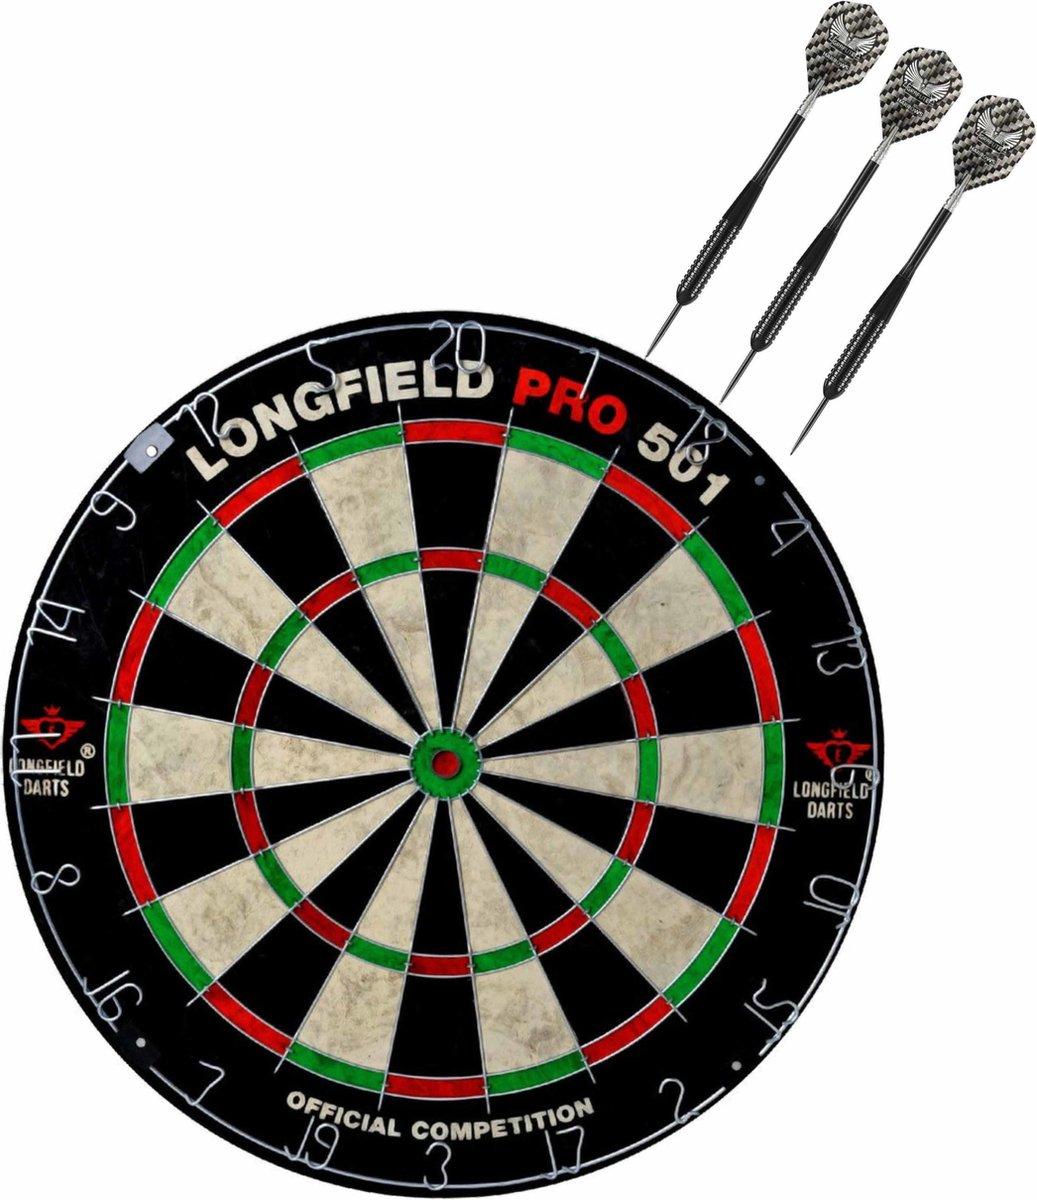 Dartbord set compleet van diameter 45.5 cm met 3x Black Arrow dartpijlen van 21 gram - Sporten darts